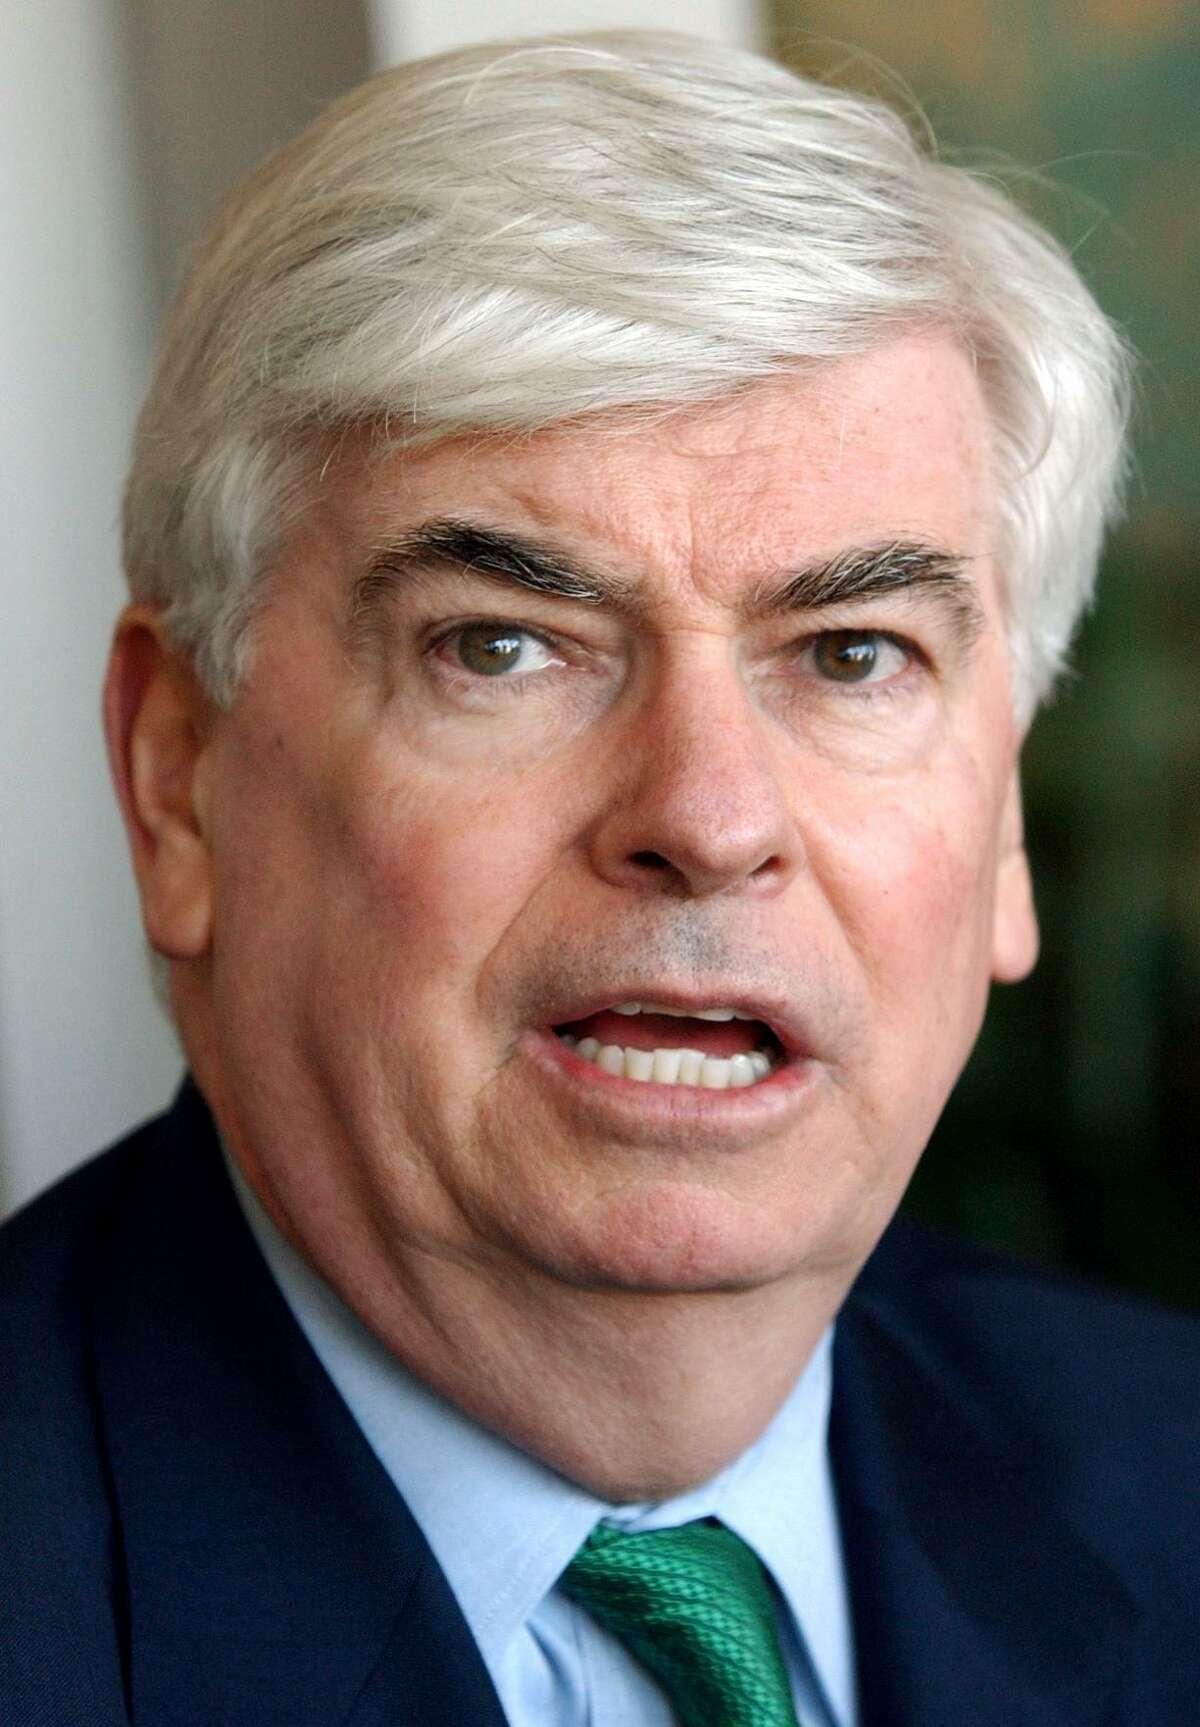 Former U.S. Sen. Chris Dodd